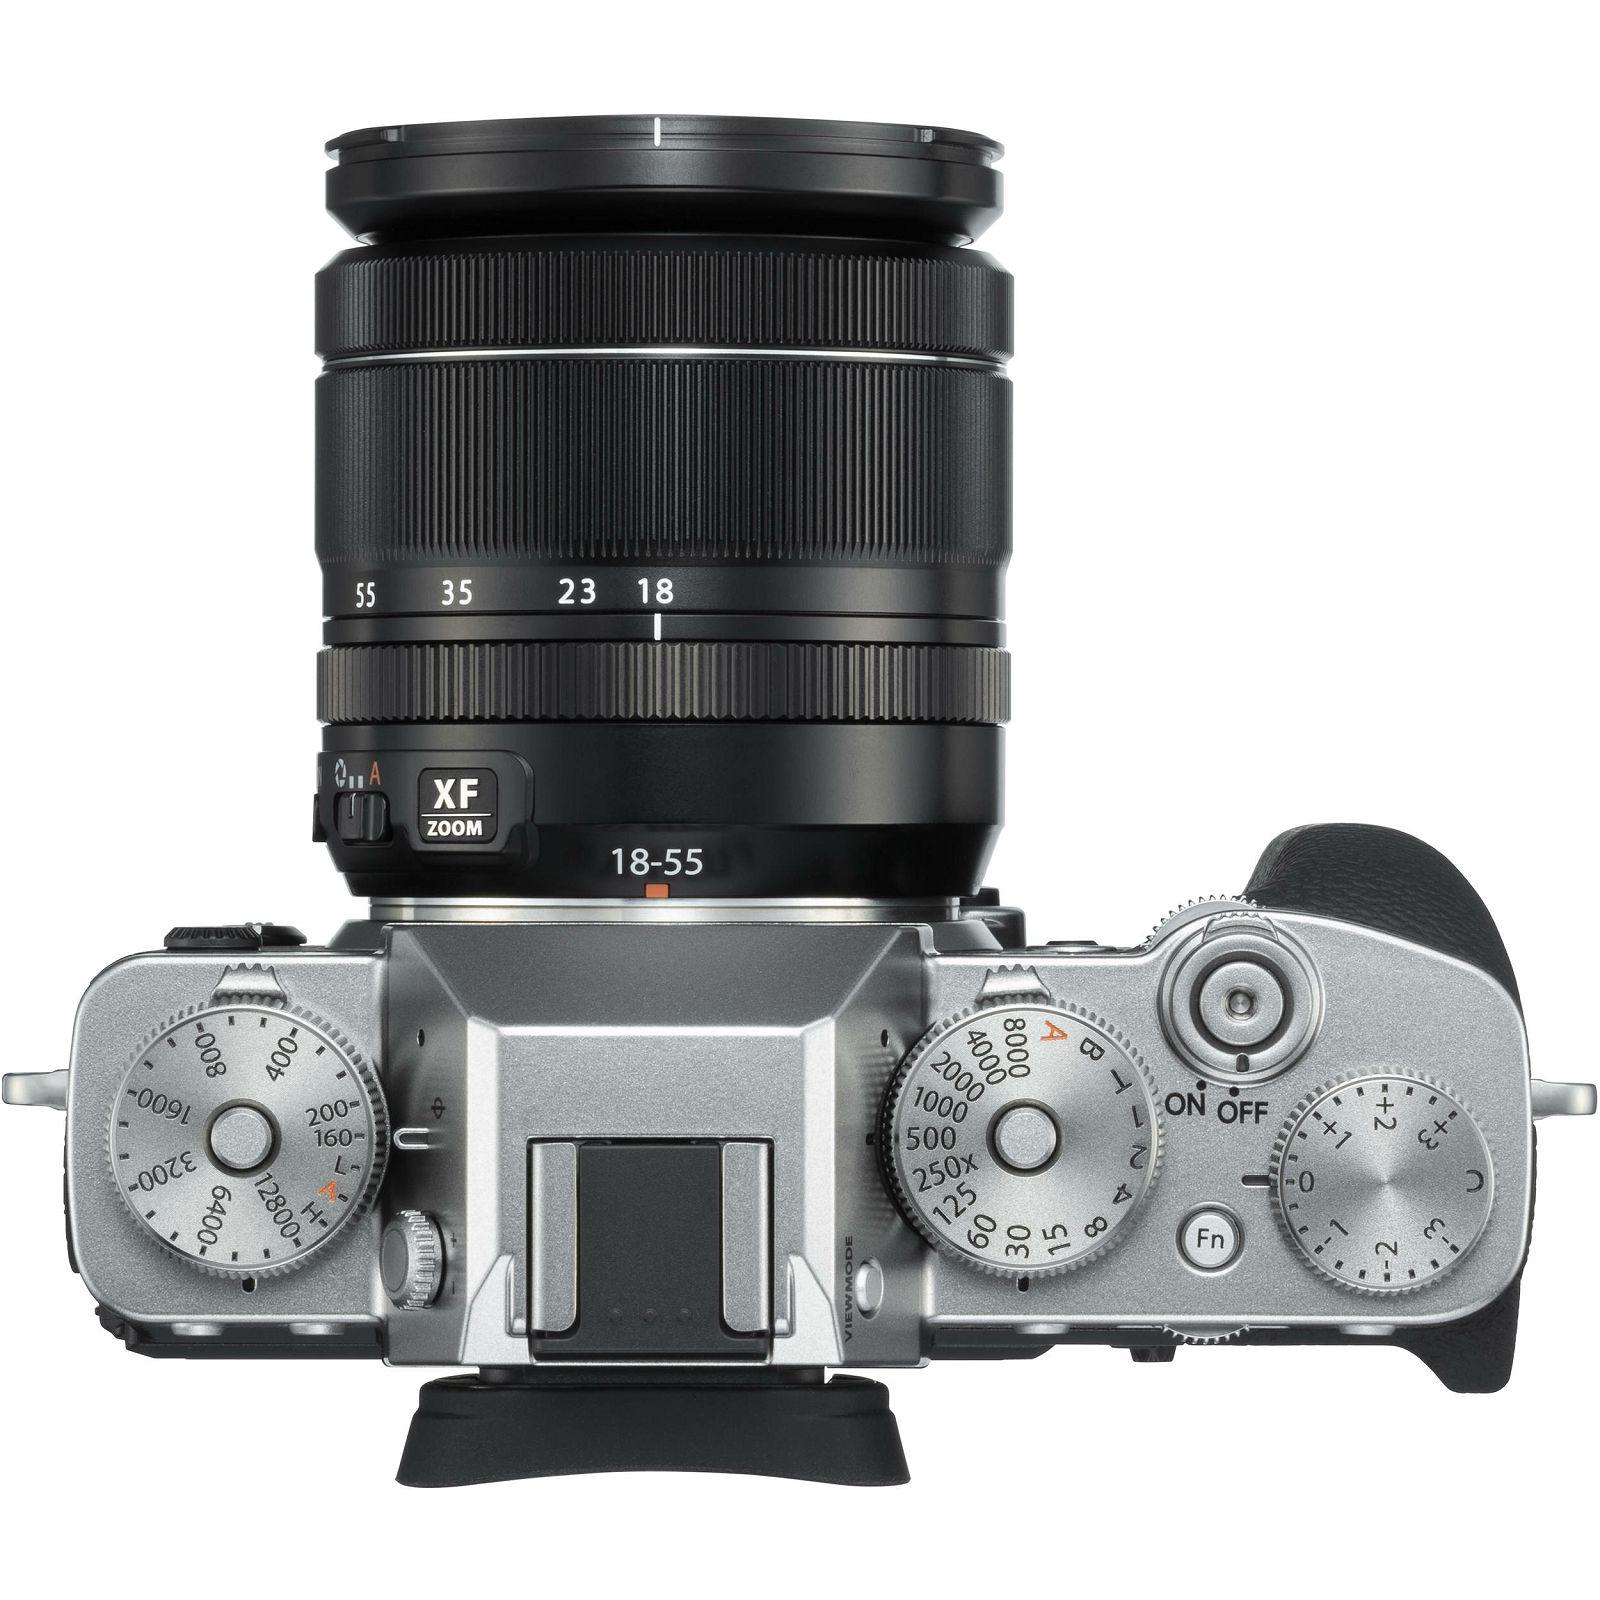 Fujifilm X-T3 + 18-55 KIT Silver srebreni digitalni mirrorless fotoaparat s  objektivom XF 18-55mm f/2 8-4 R LM OIS Fuji Finepix XT3